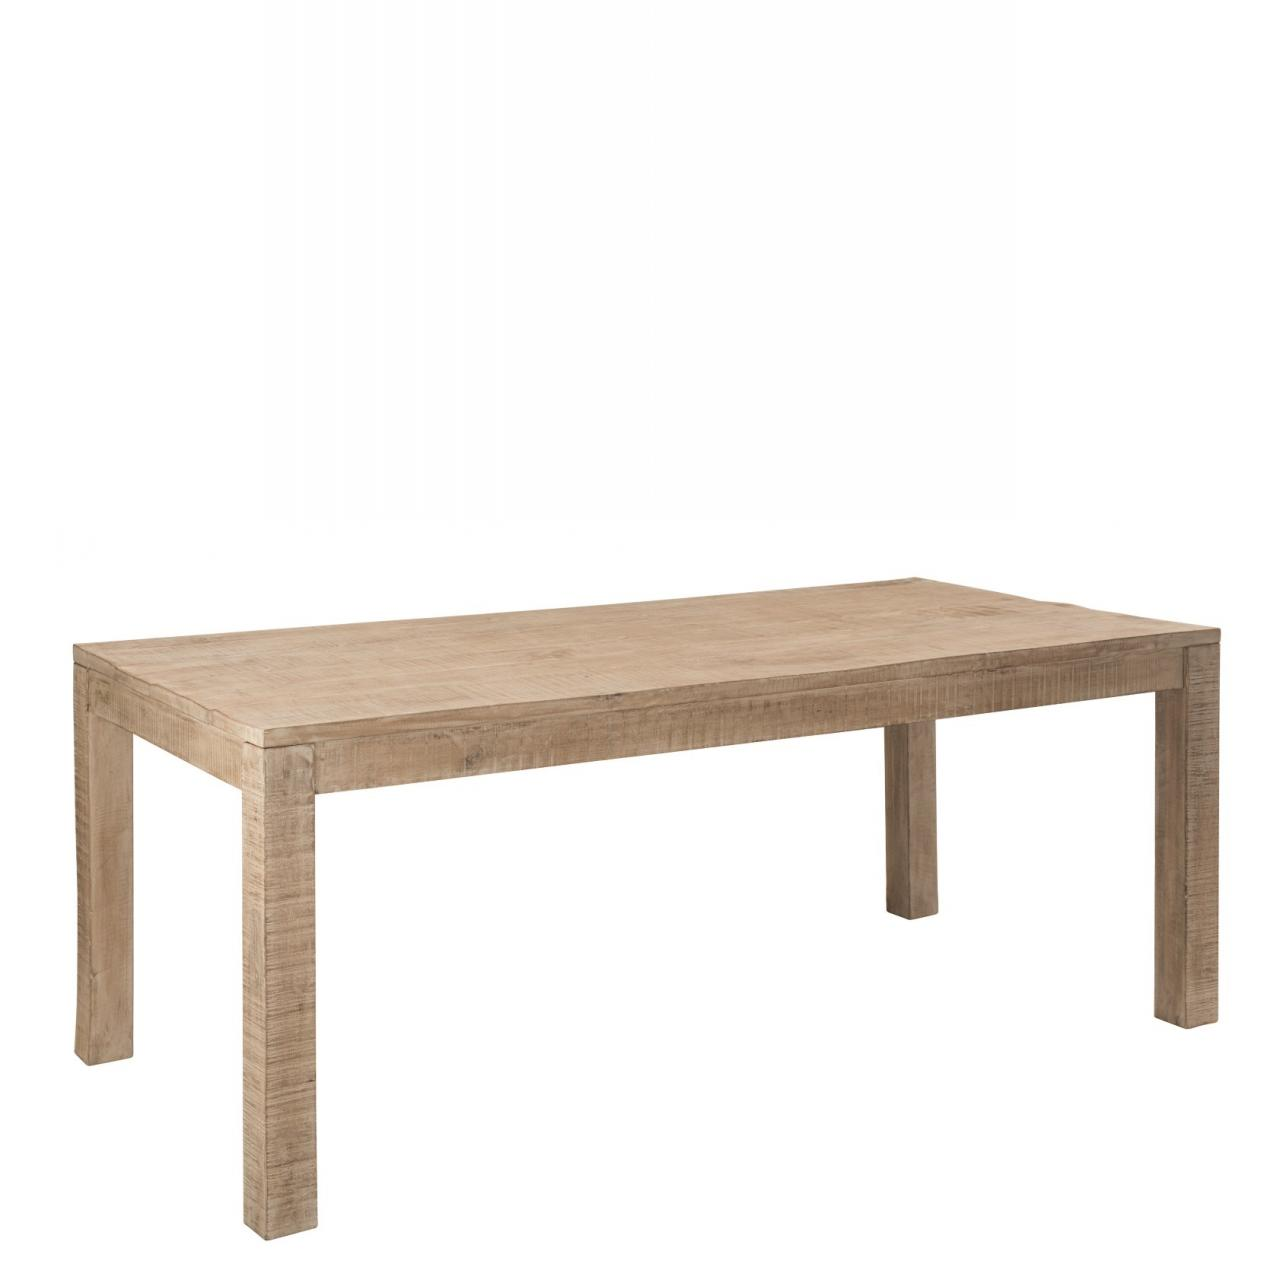 Tisch Suri Mangoholz Massiv Antique Weiß Esstisch Esszimmertisch 140x90x76 cm